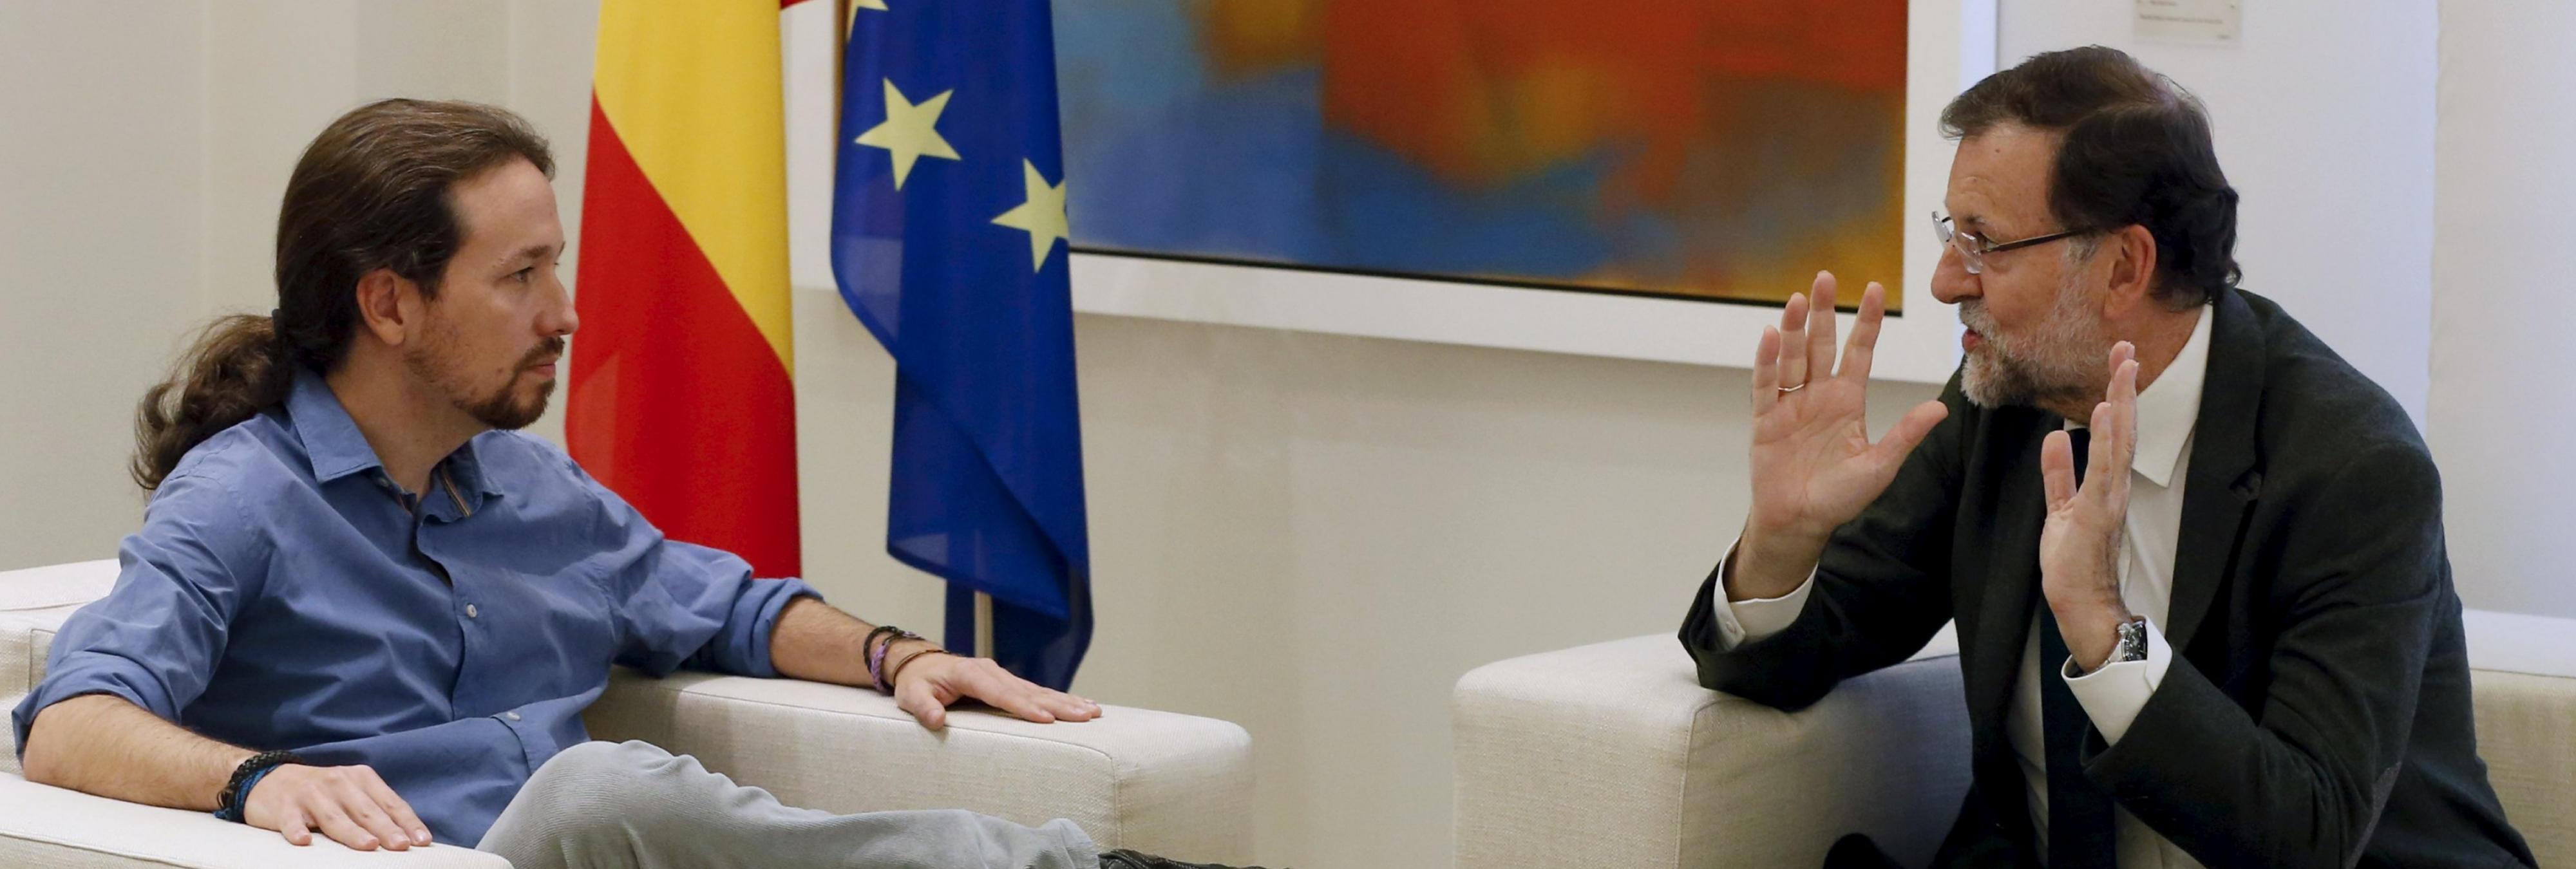 Unidos Podemos anuncia una moción de censura contra Rajoy